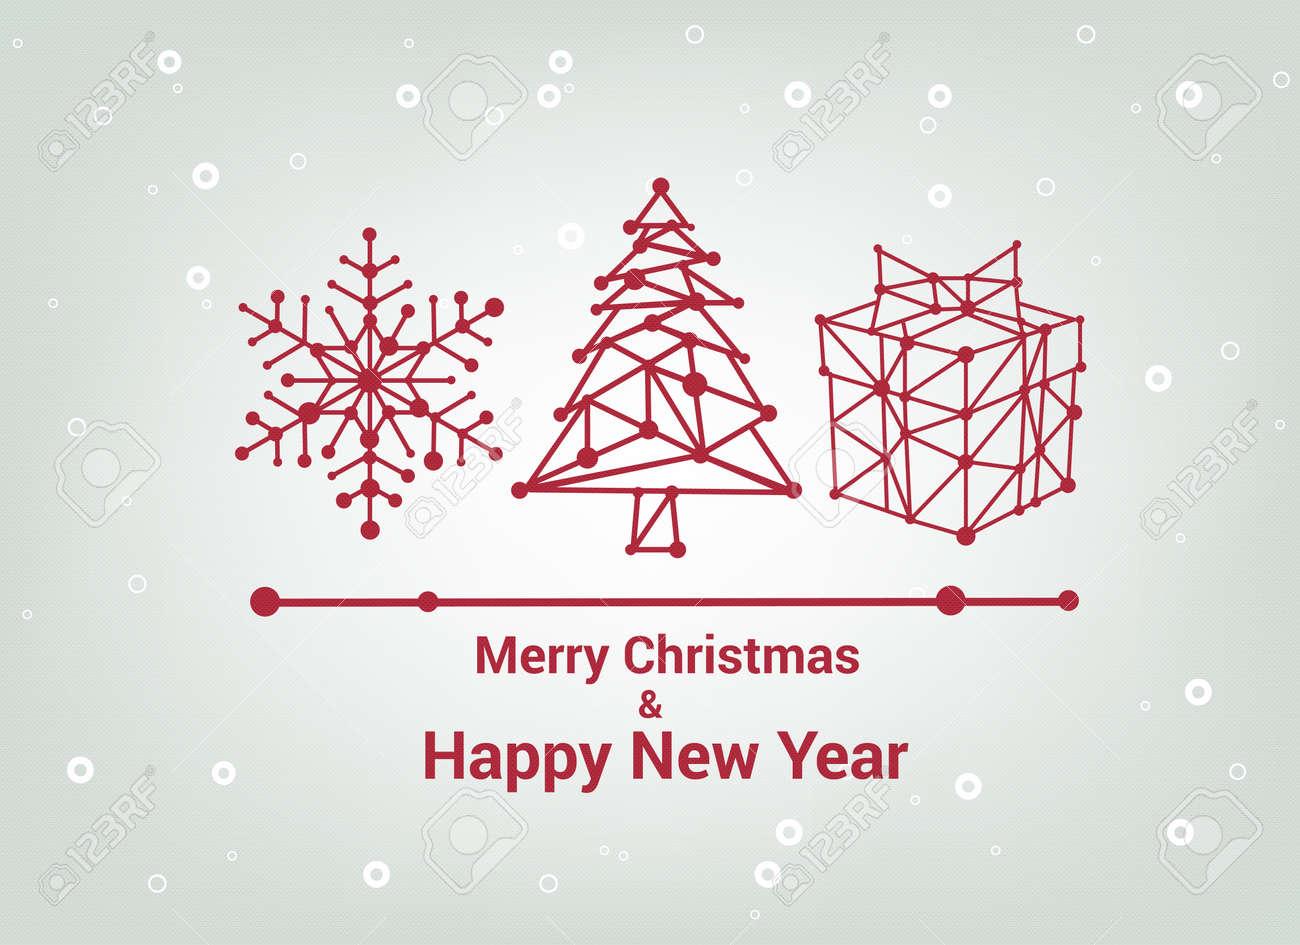 rbol de navidad hermoso diseo elegante ilustracin vectorial regalo de navidad feliz with navidad elegantes